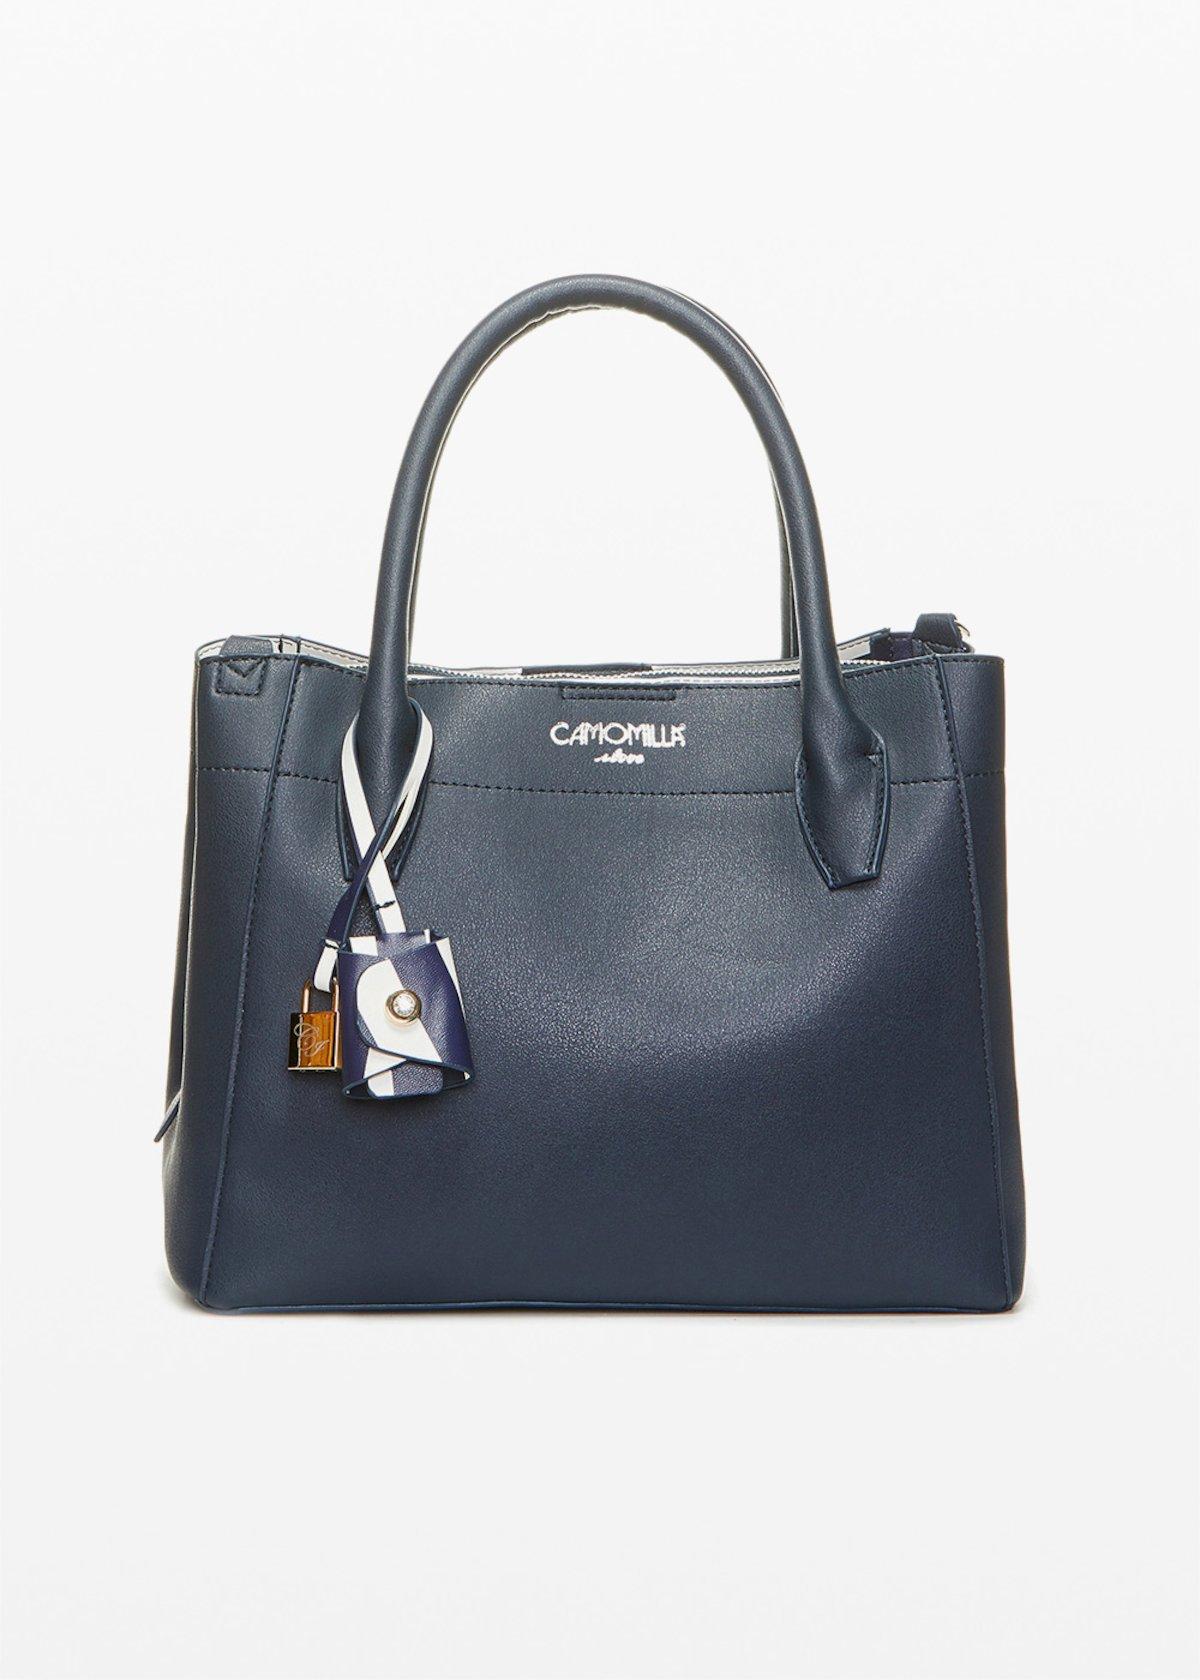 52937787bb3a0 Borsa Bruna in ecopelle con dettaglio lucchetto CI - Medium Blue - Donna -  Immagine categoria